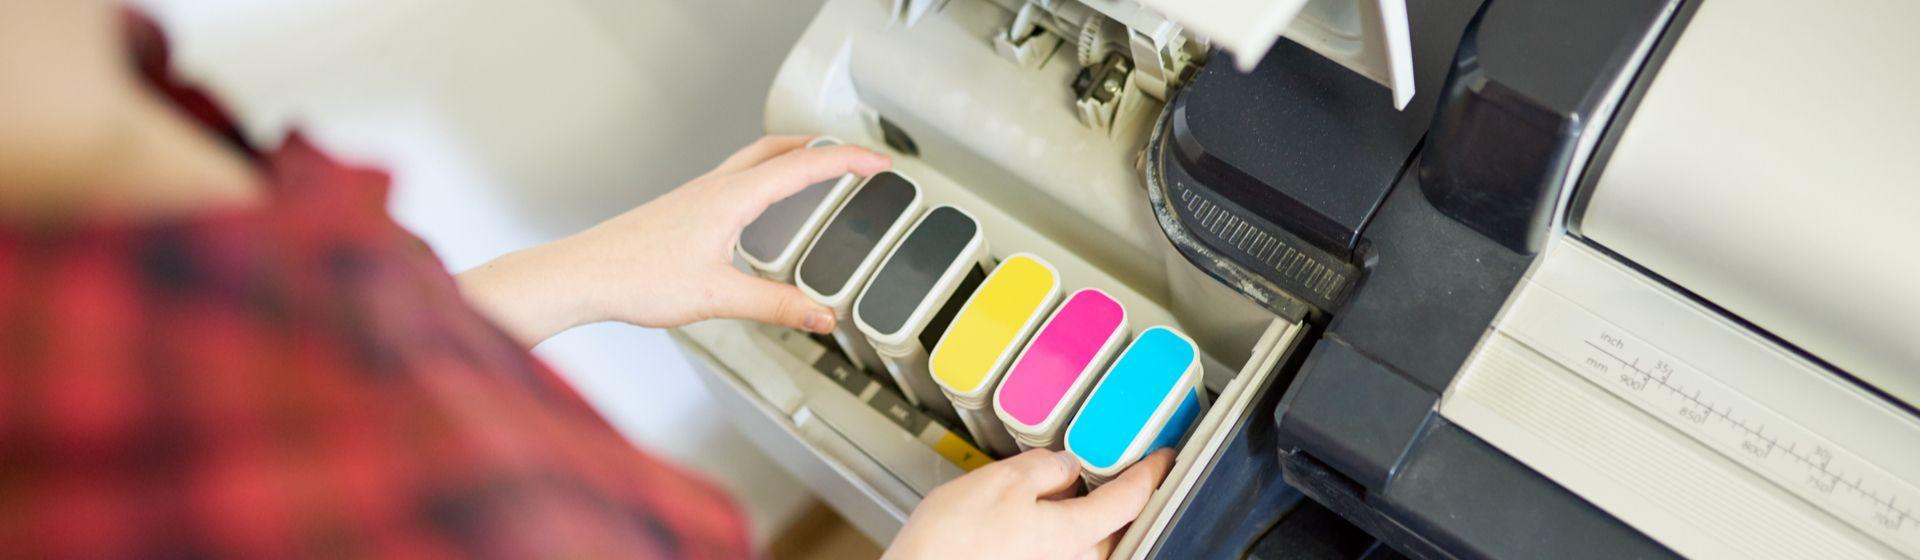 Melhor impressora toner para comprar em 2021: conheça 6 modelos